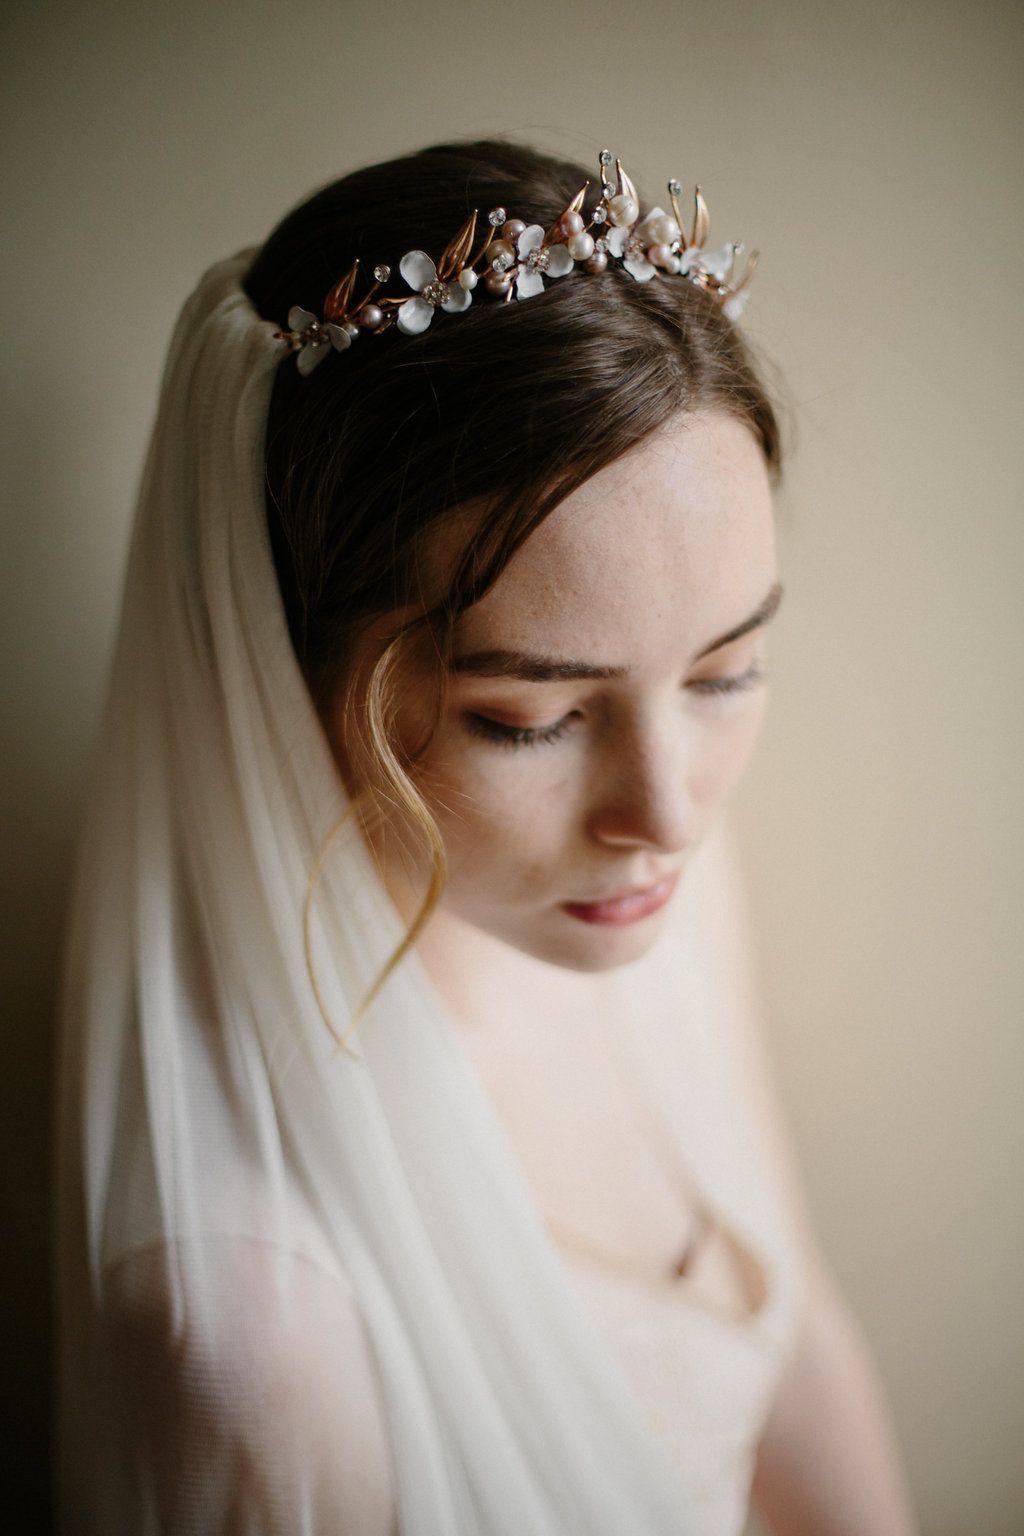 Garden gate wedding crown with silk veil Headpiece